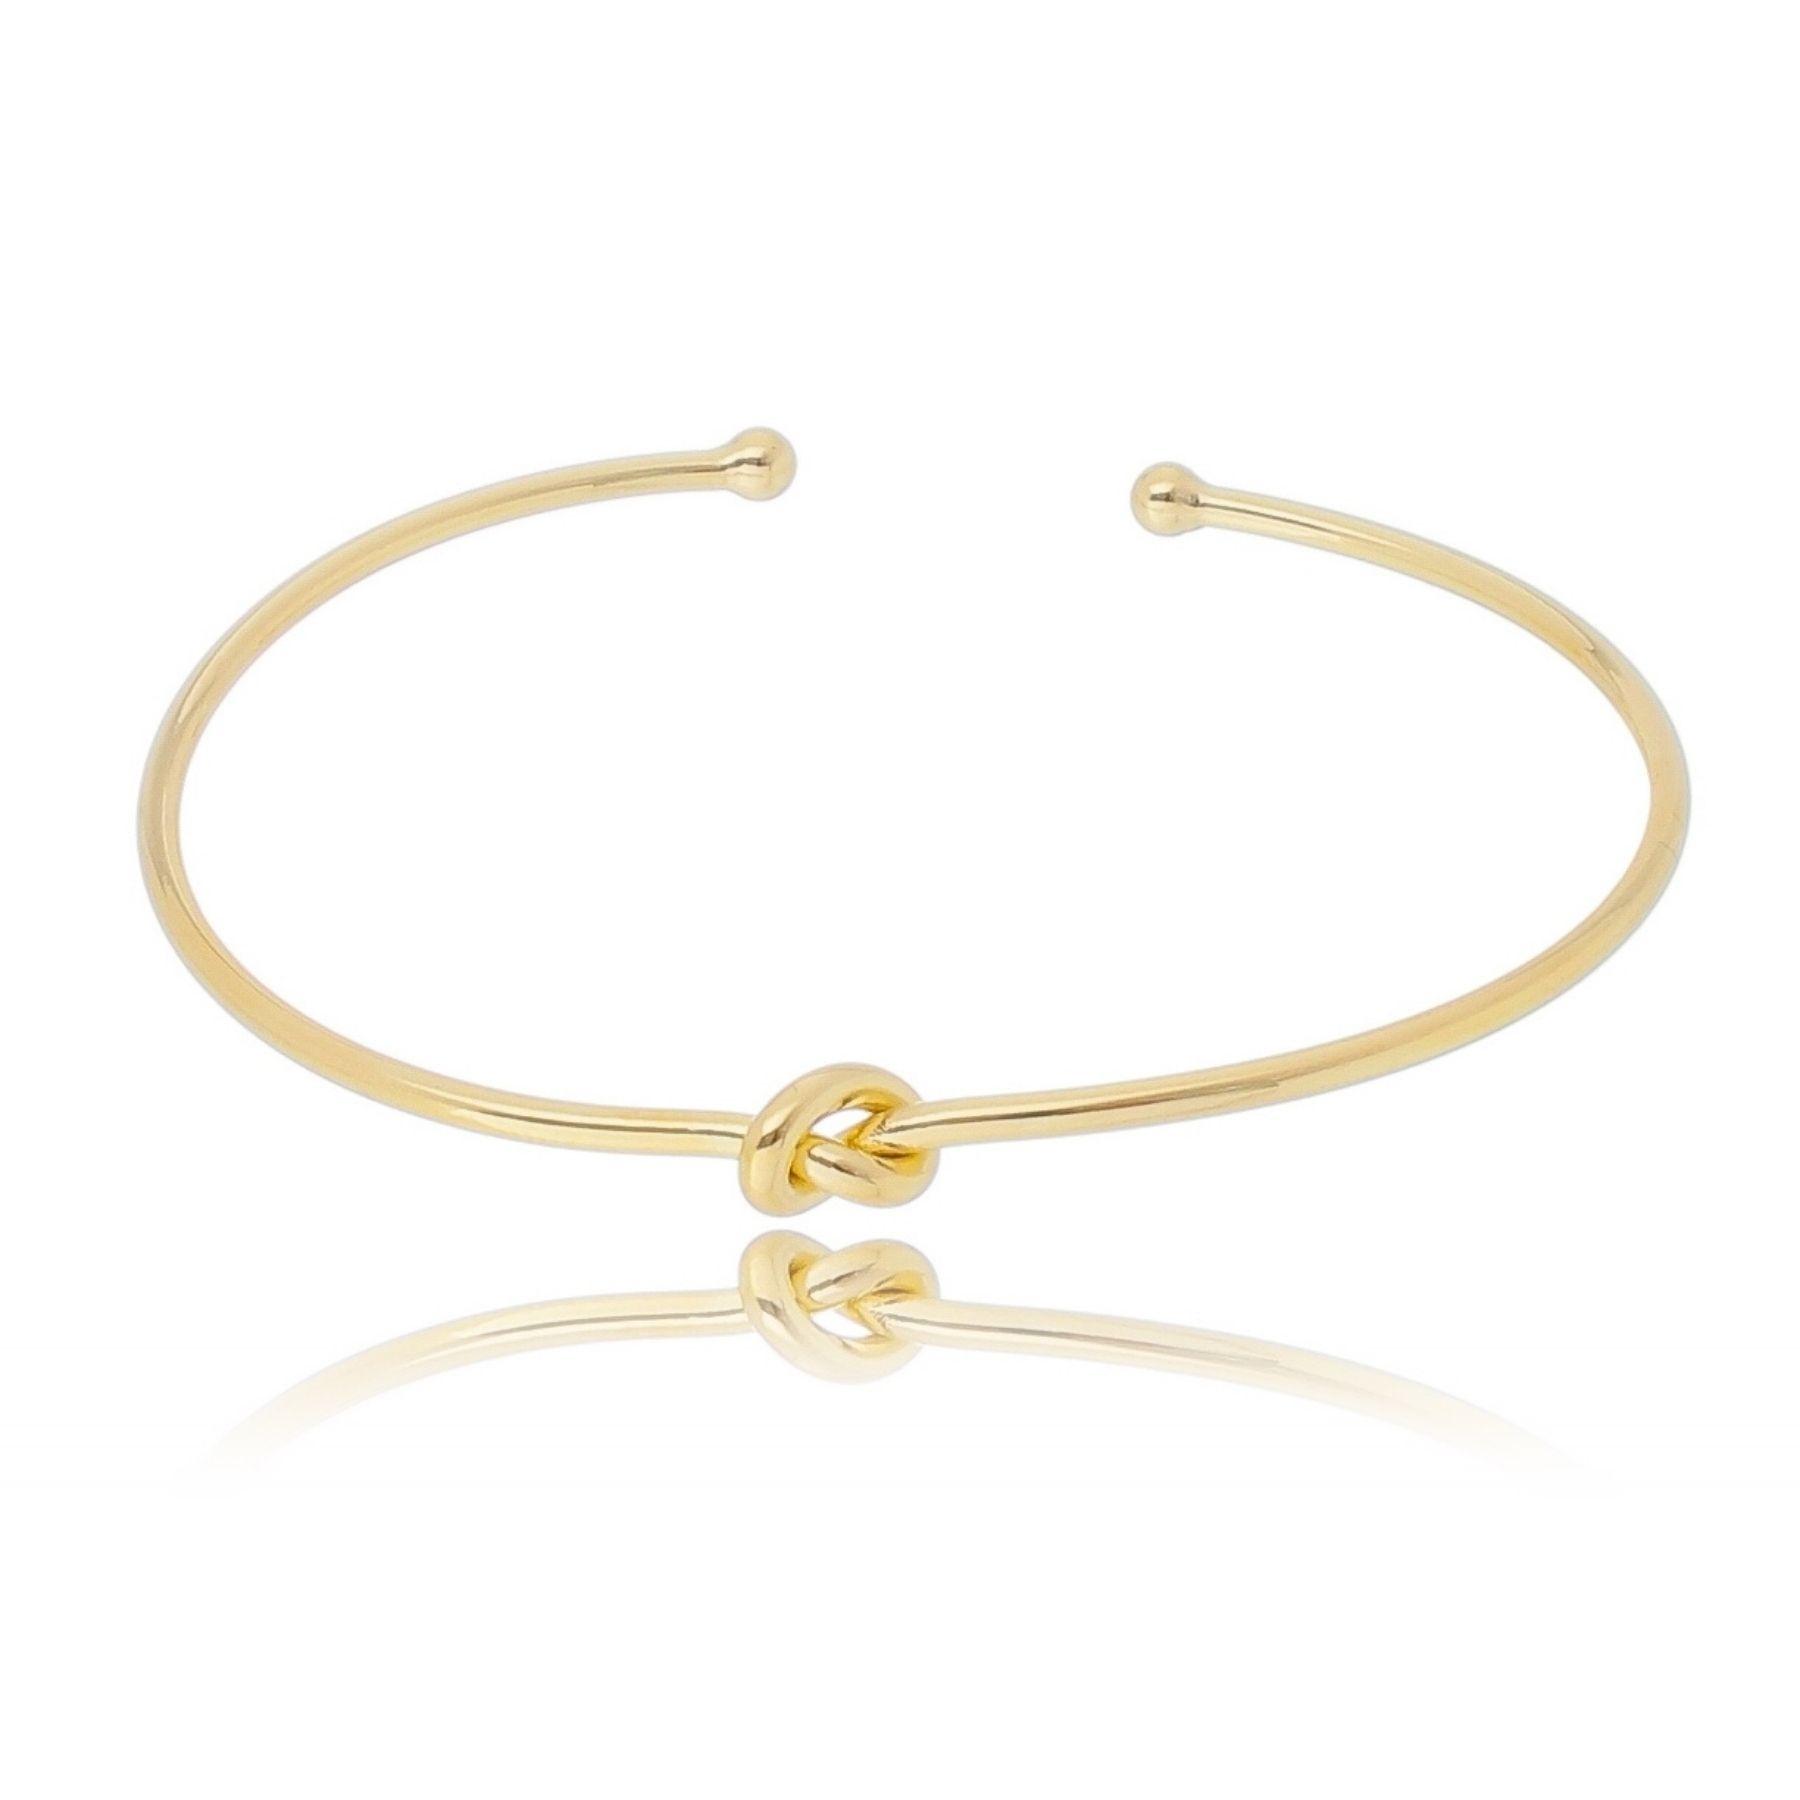 Bracelete aro aberto fino liso com nó central banho ouro 18k